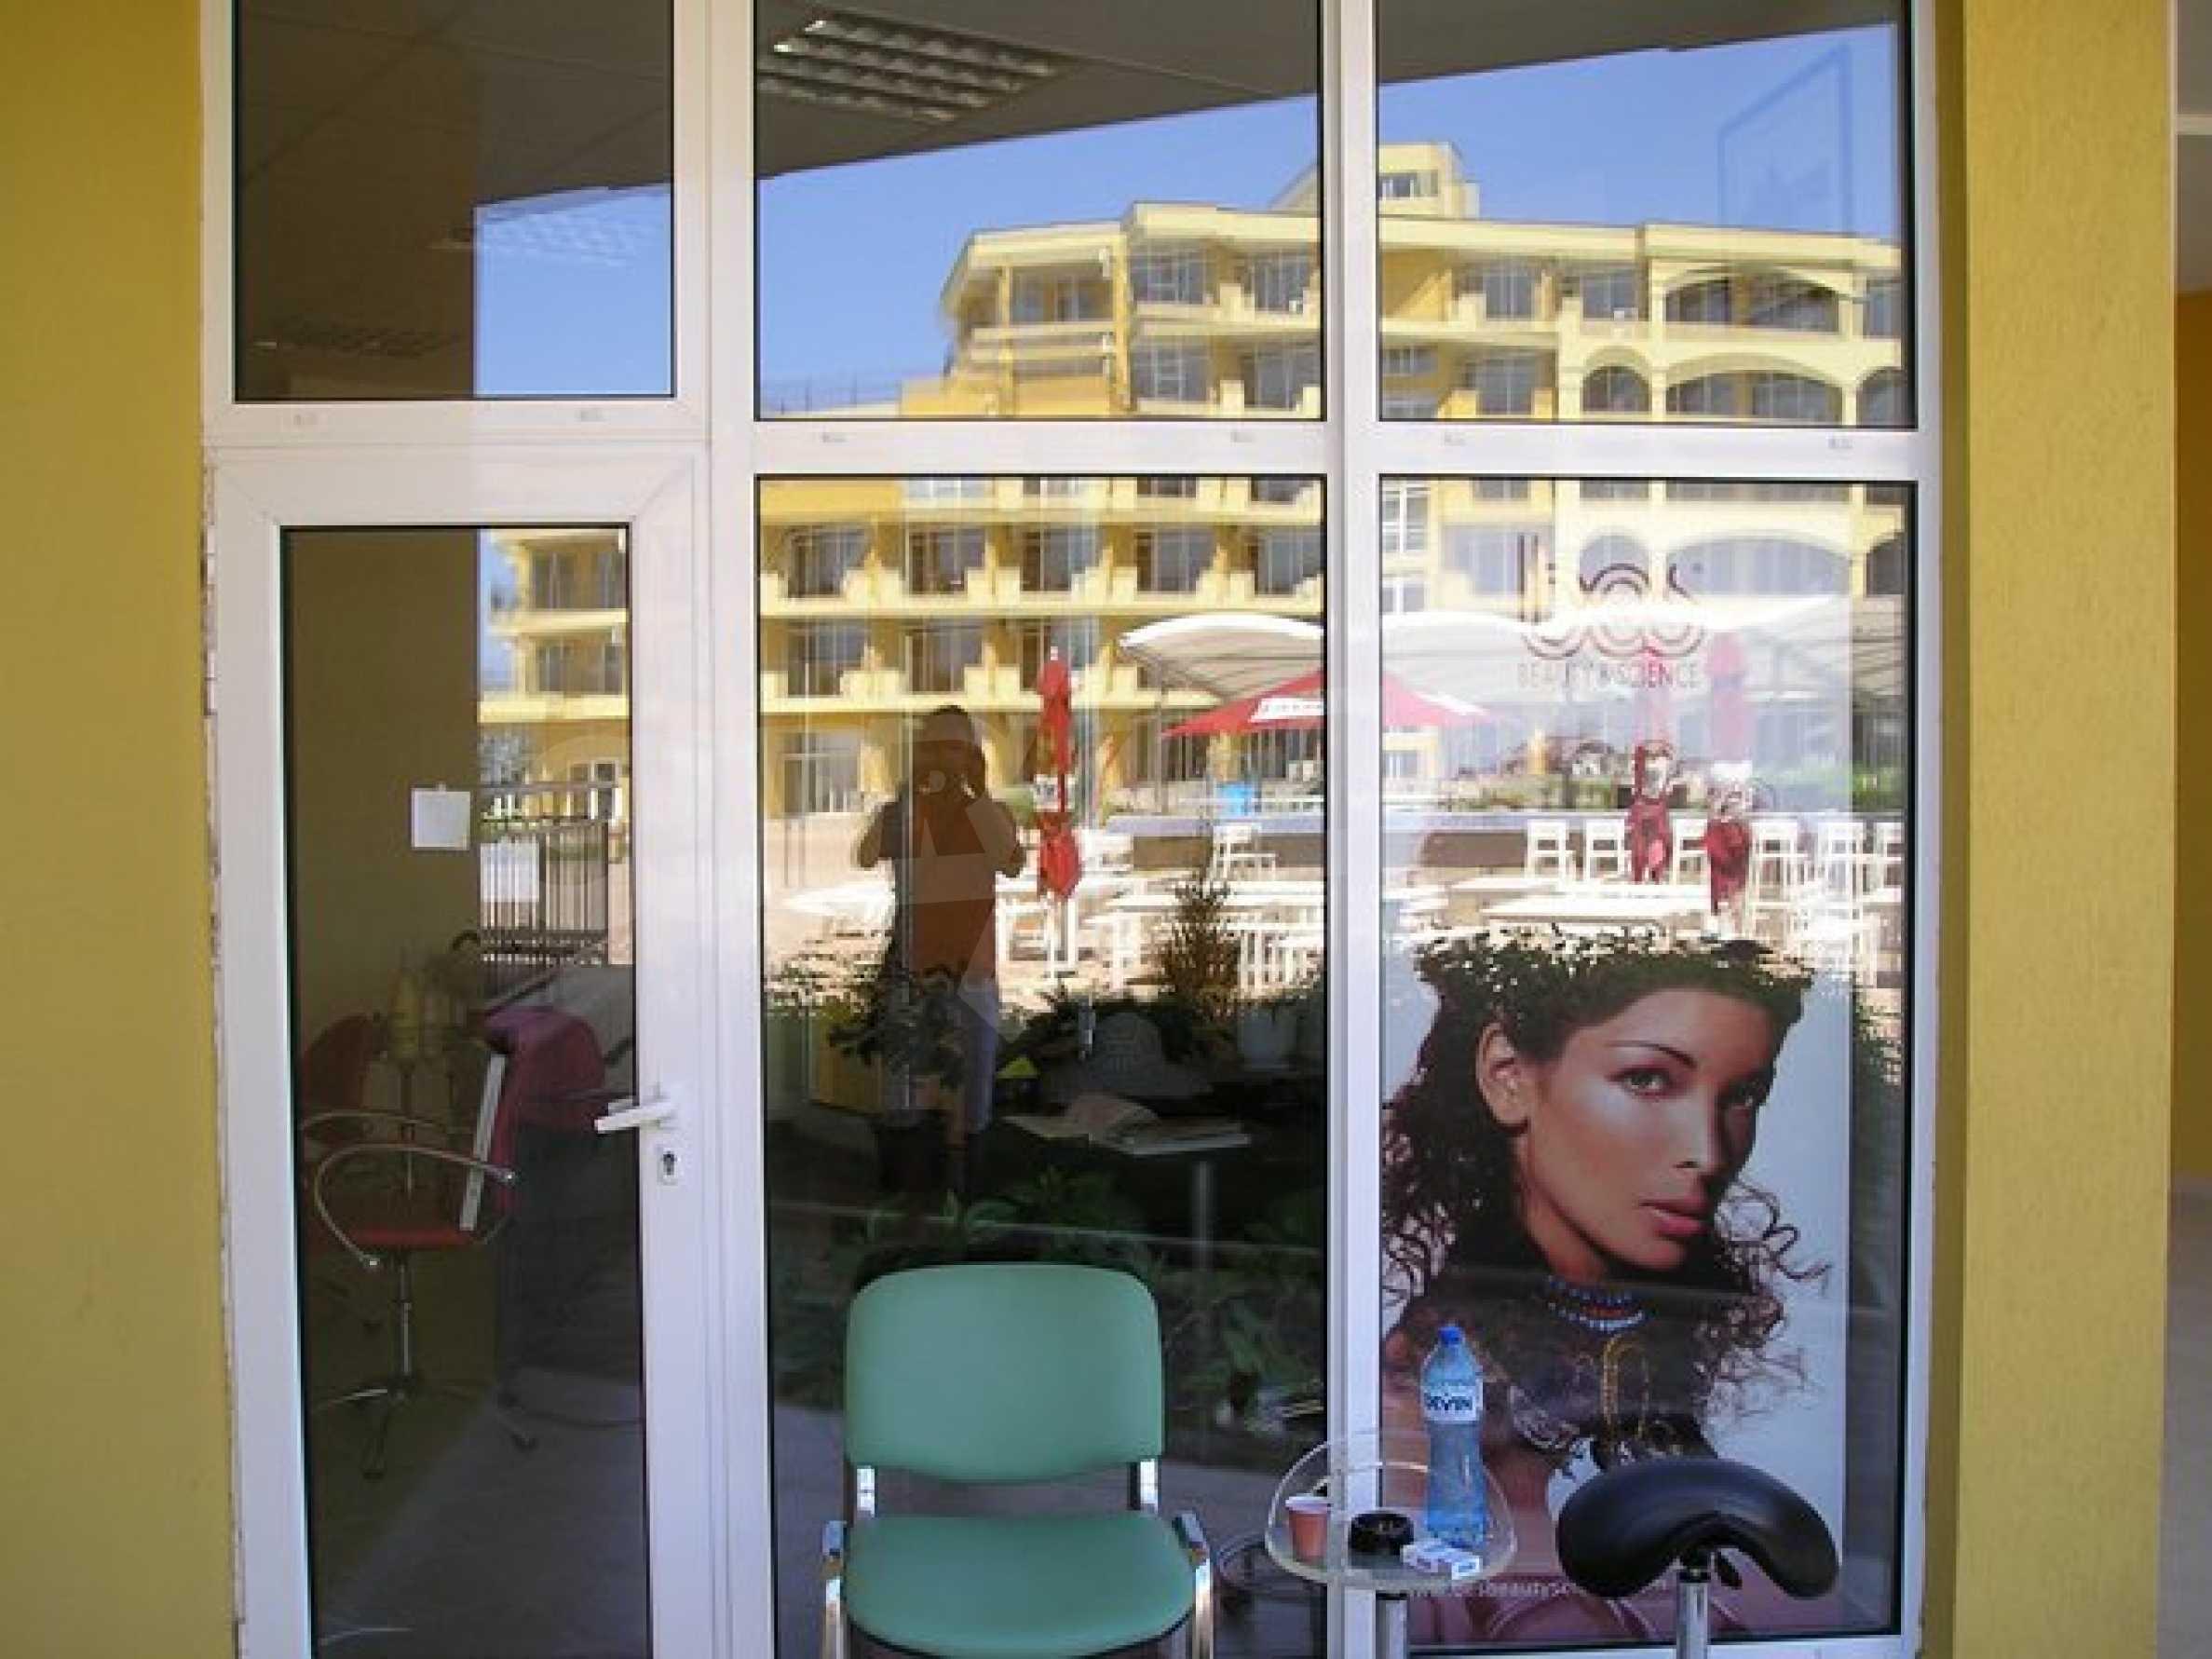 Studio zum Verkauf im Midia Grand Resort in Aheloy 40